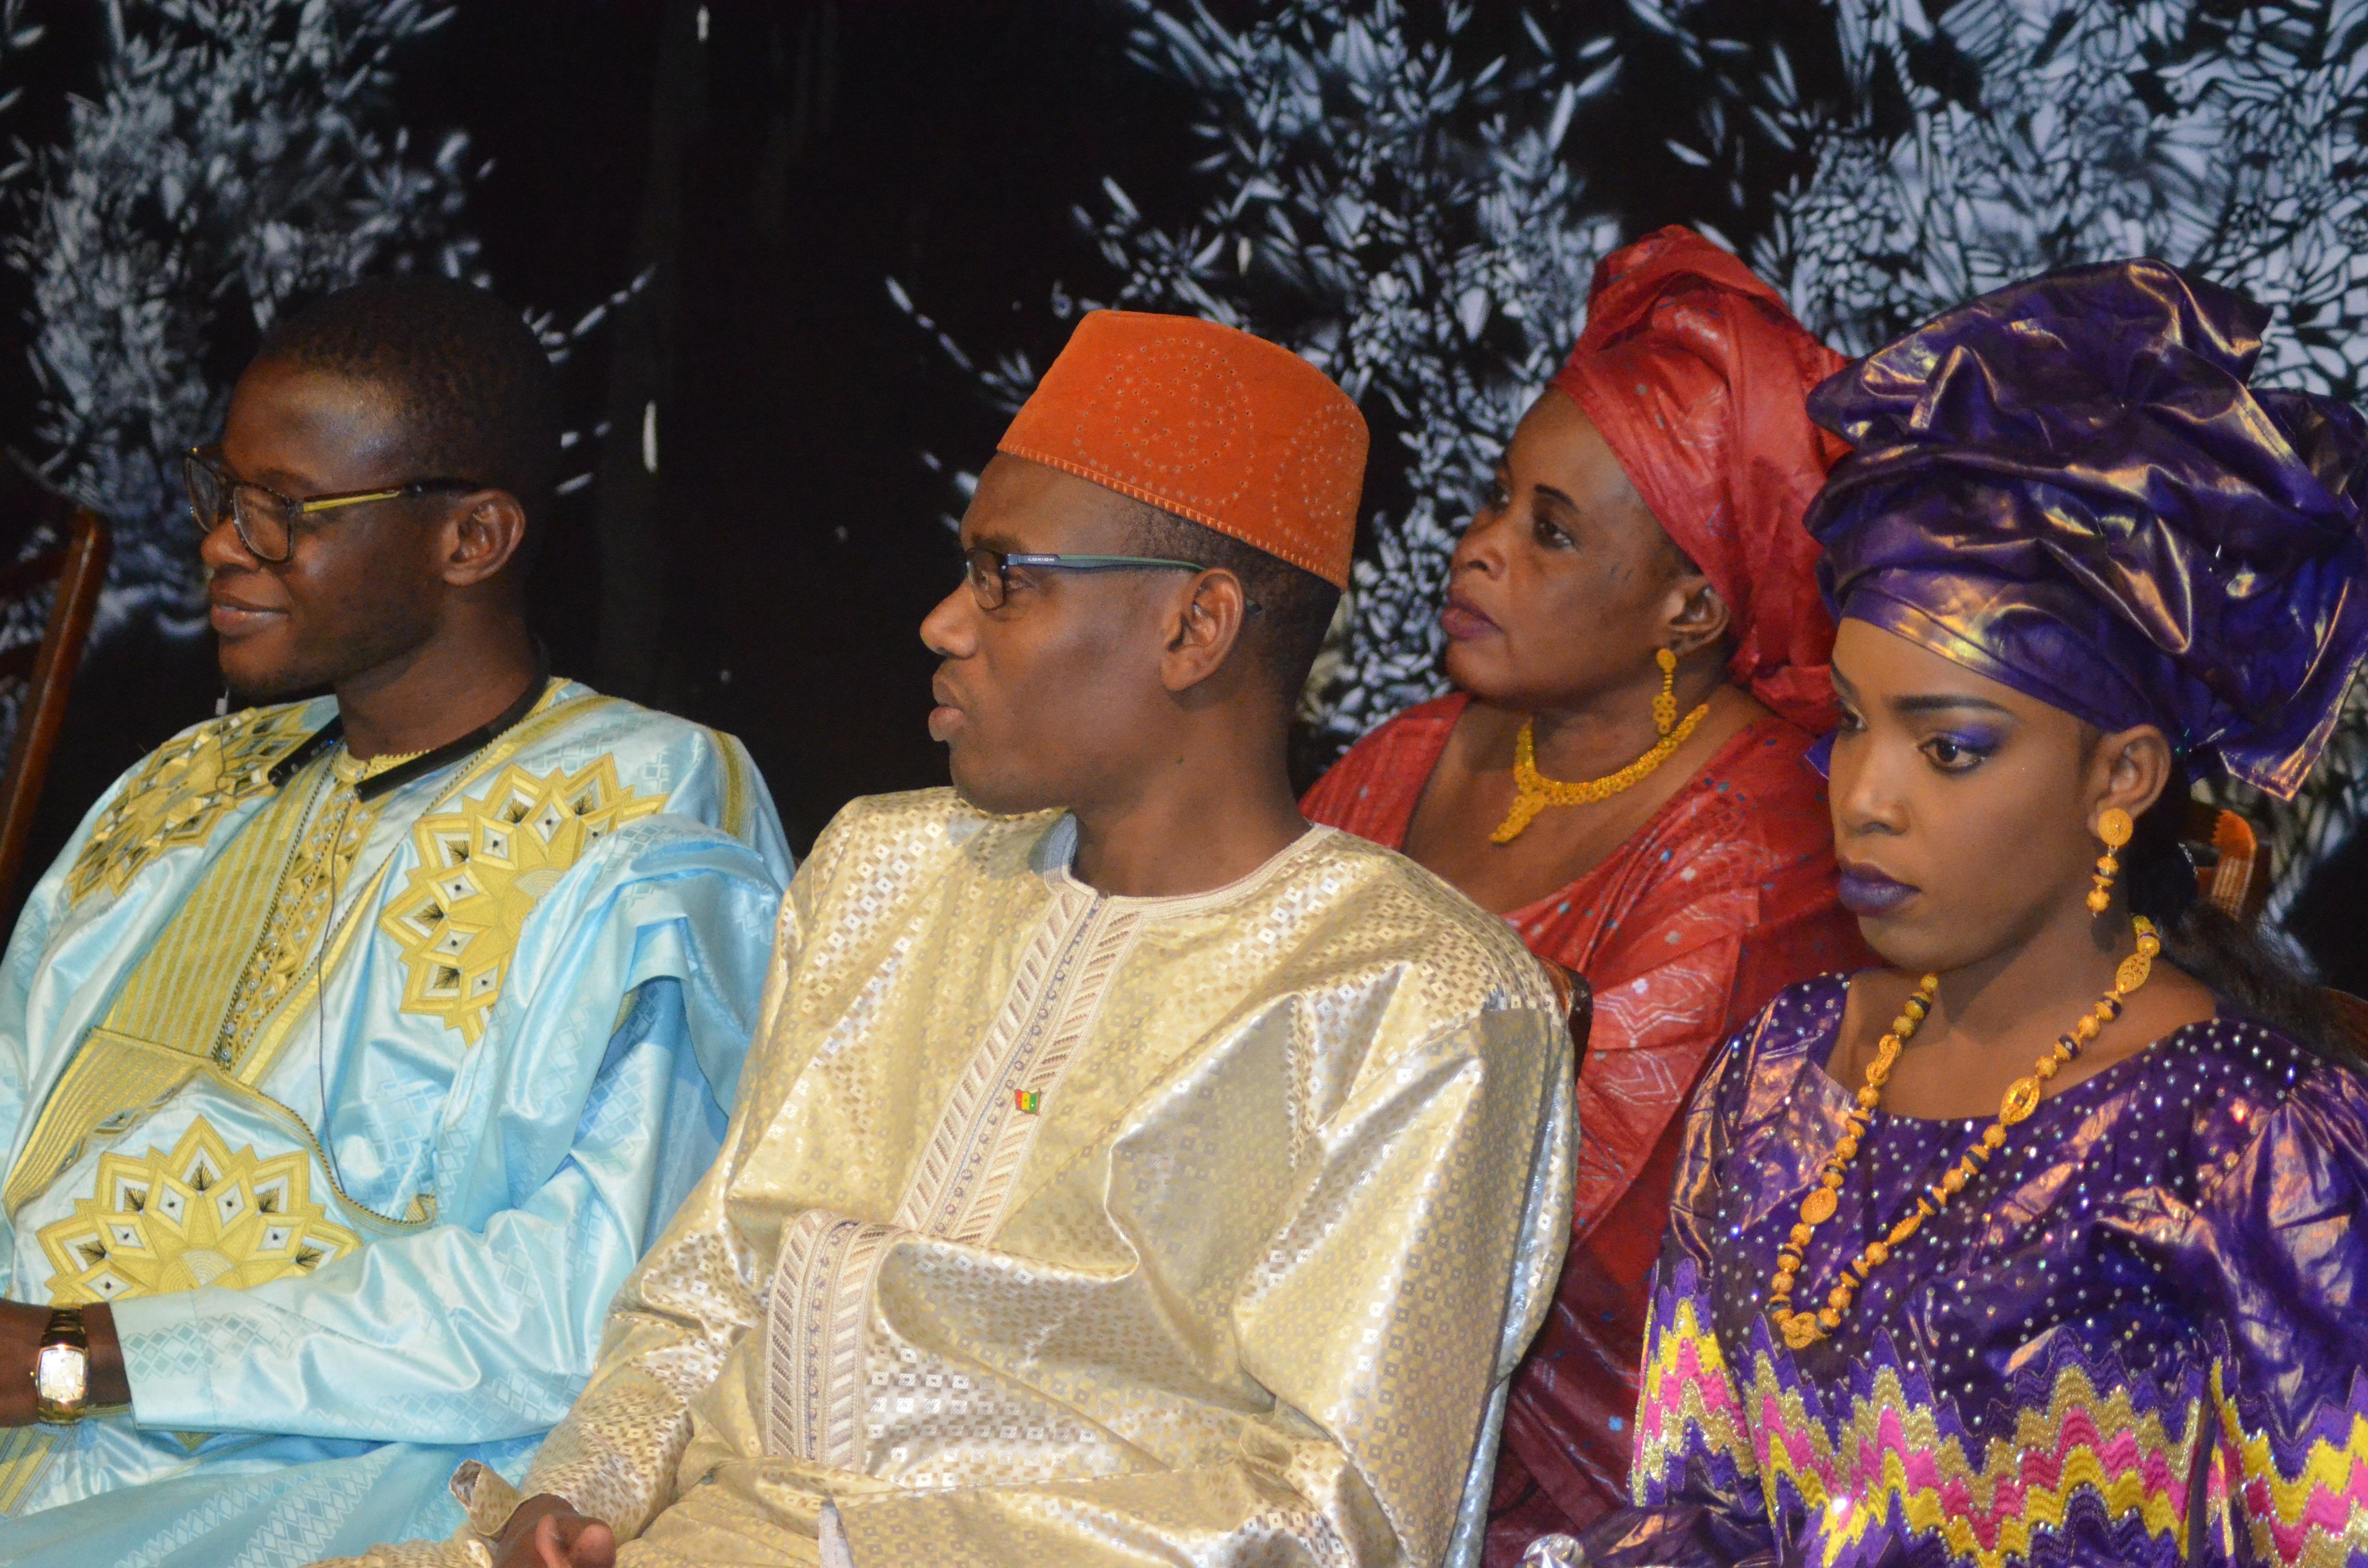 Première Edition soirée culturelle de l'Association Boyinadji Ma fierté de Bokidiawé, le parrain Bocar Abdoulaye Ly appelle à l'union des cœurs (12)